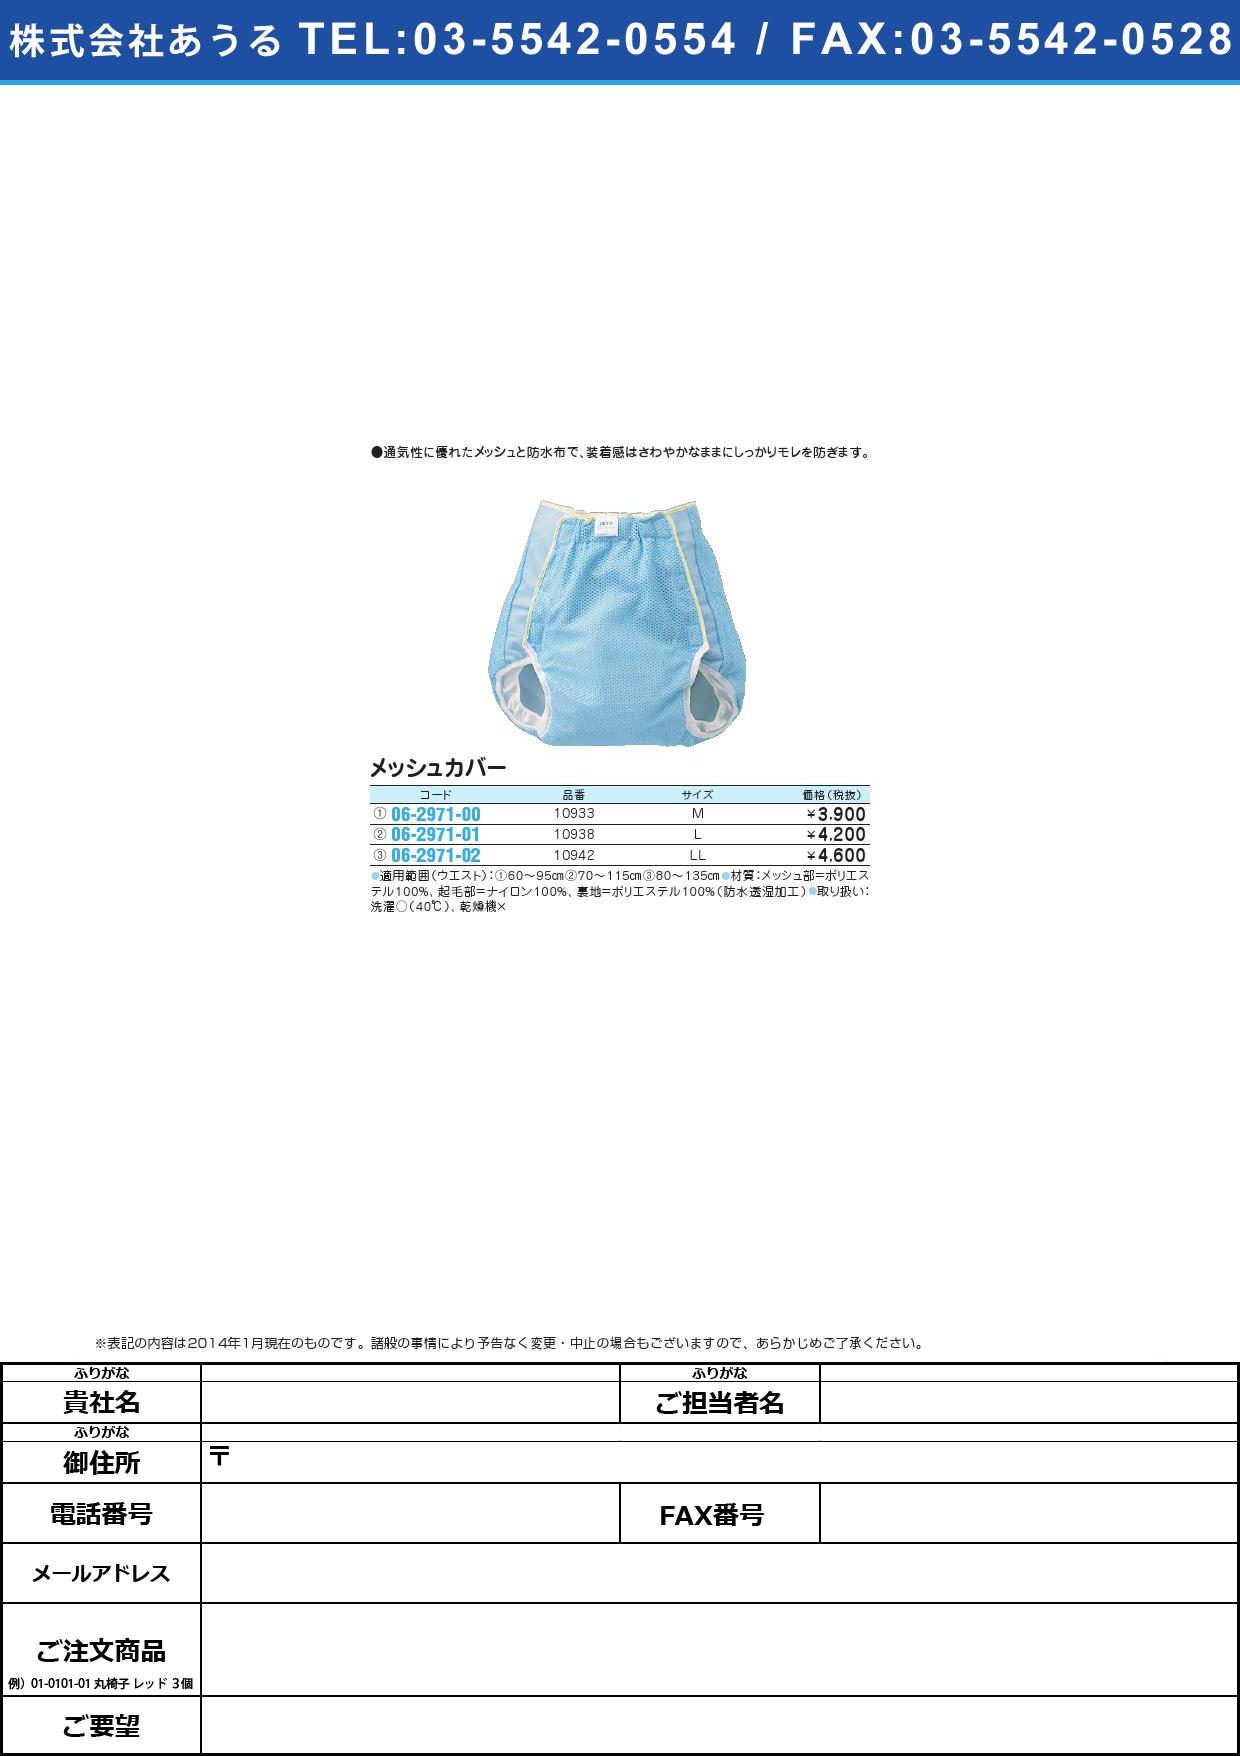 大人用メッシュカバー オトナヨウメッシュカバー 10942(LL)【1枚単位】(06-2971-02)